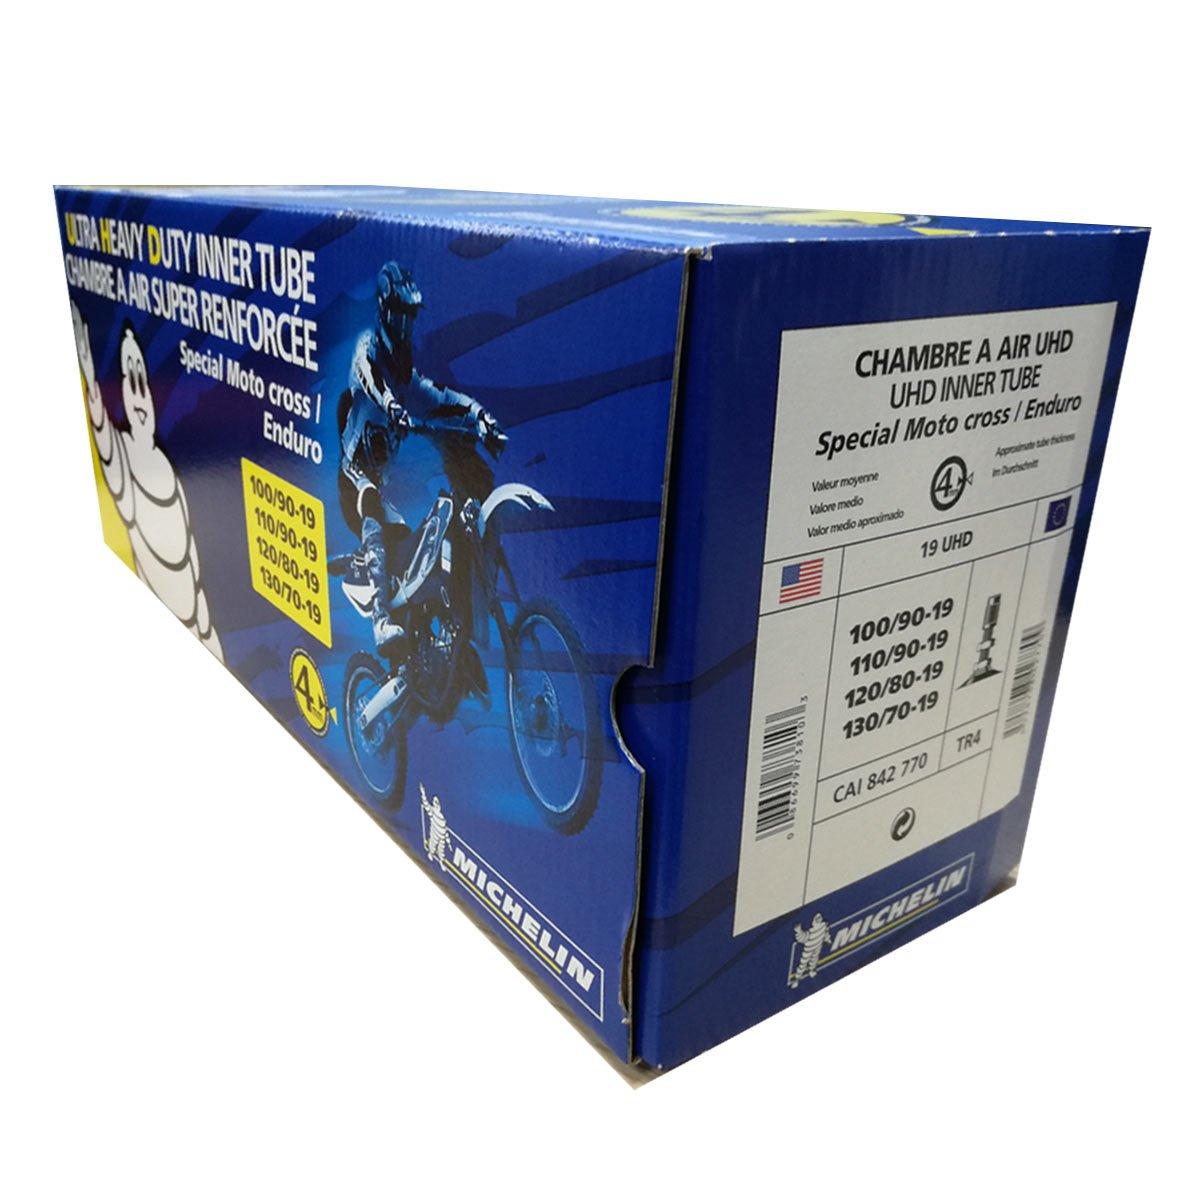 Michelin moto fahrradschlauch 19 UHD TR4 100//90-19, 110//90-19, 120//80-19, 130//70-19